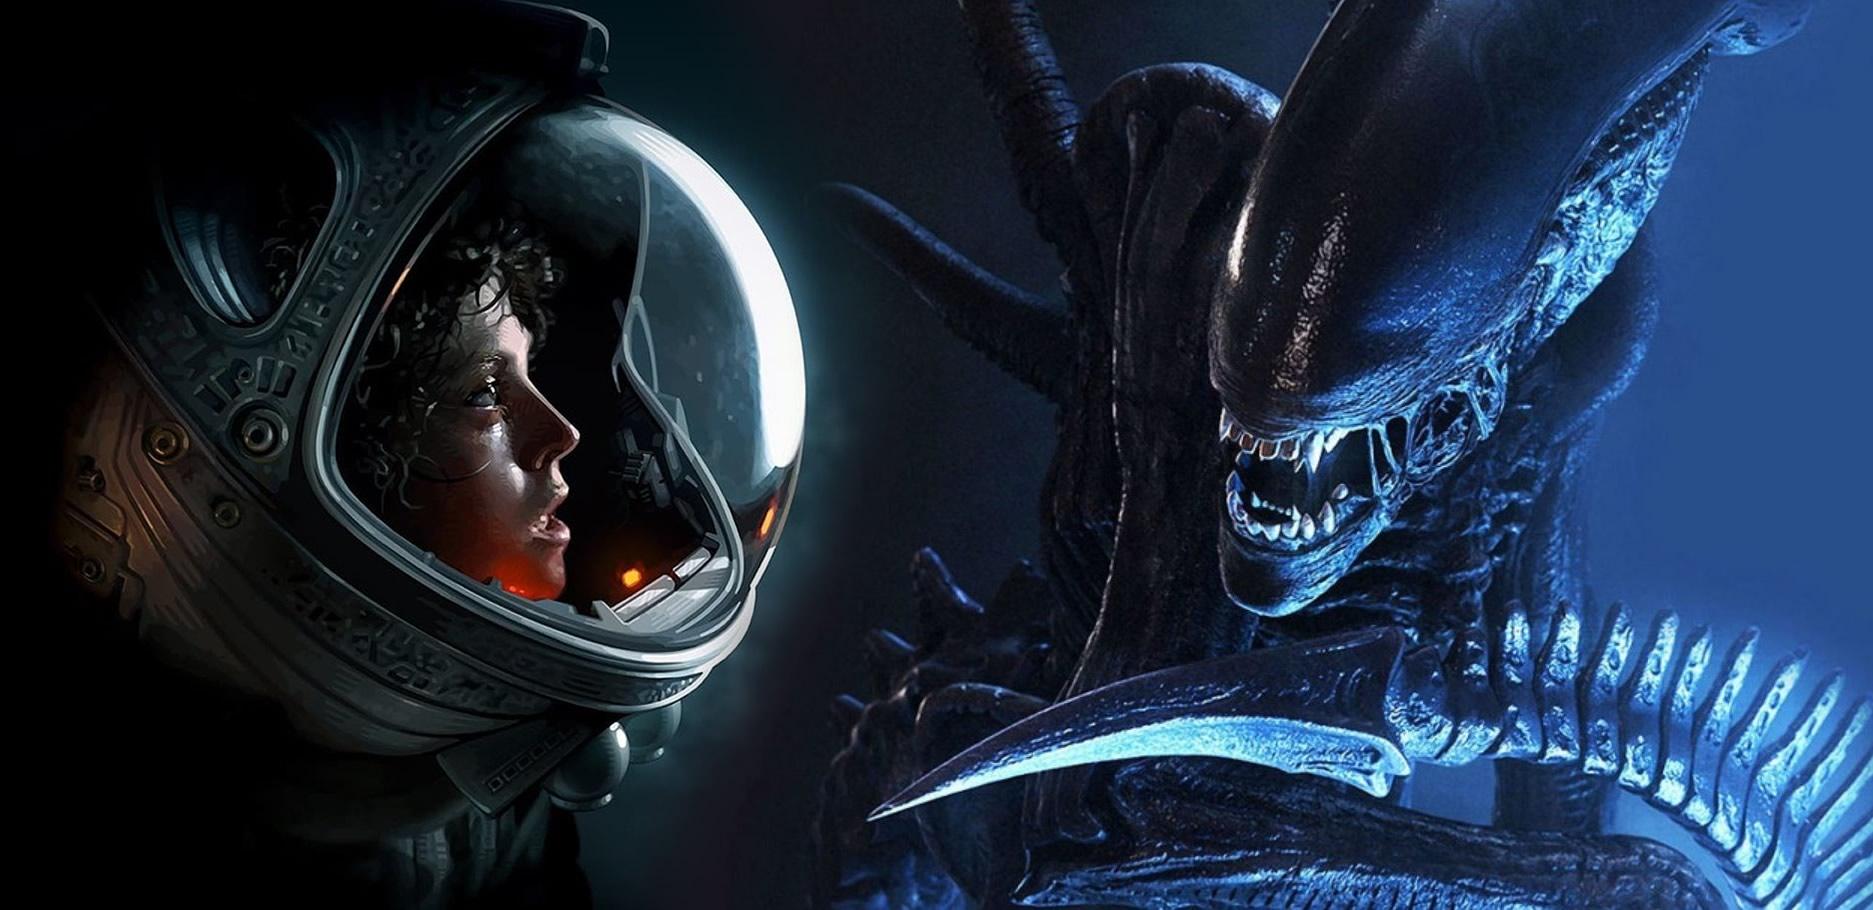 ALIEN   Ridley Scott confirma o desenvolvimento de um novo filme ALIEN